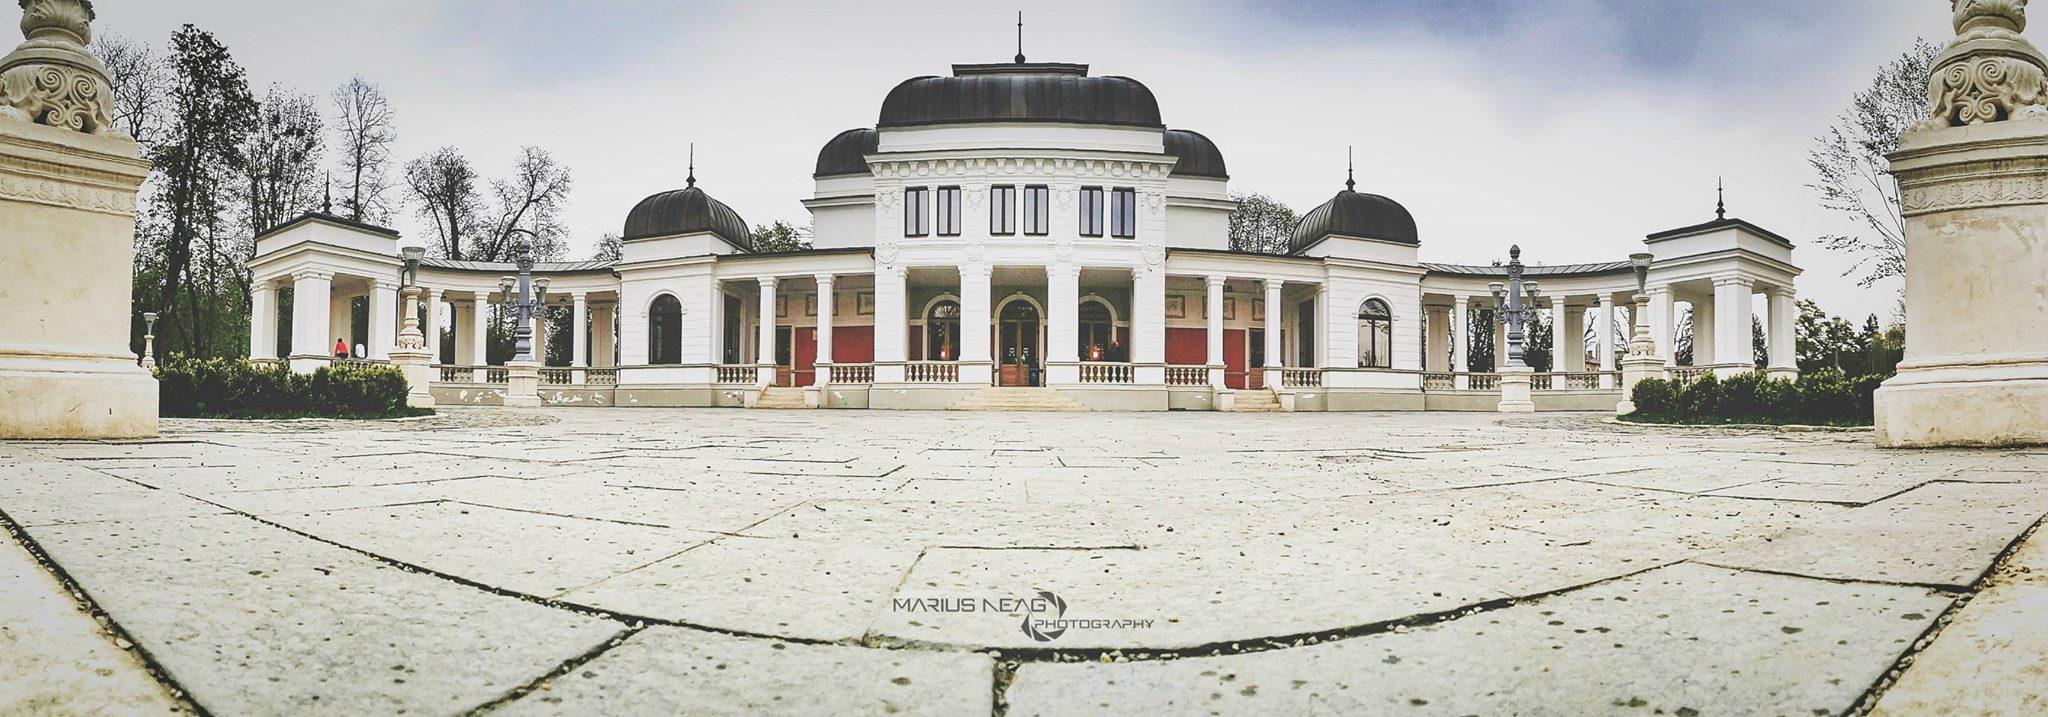 24 de ore în Cluj Fotograf Marius Neag 4